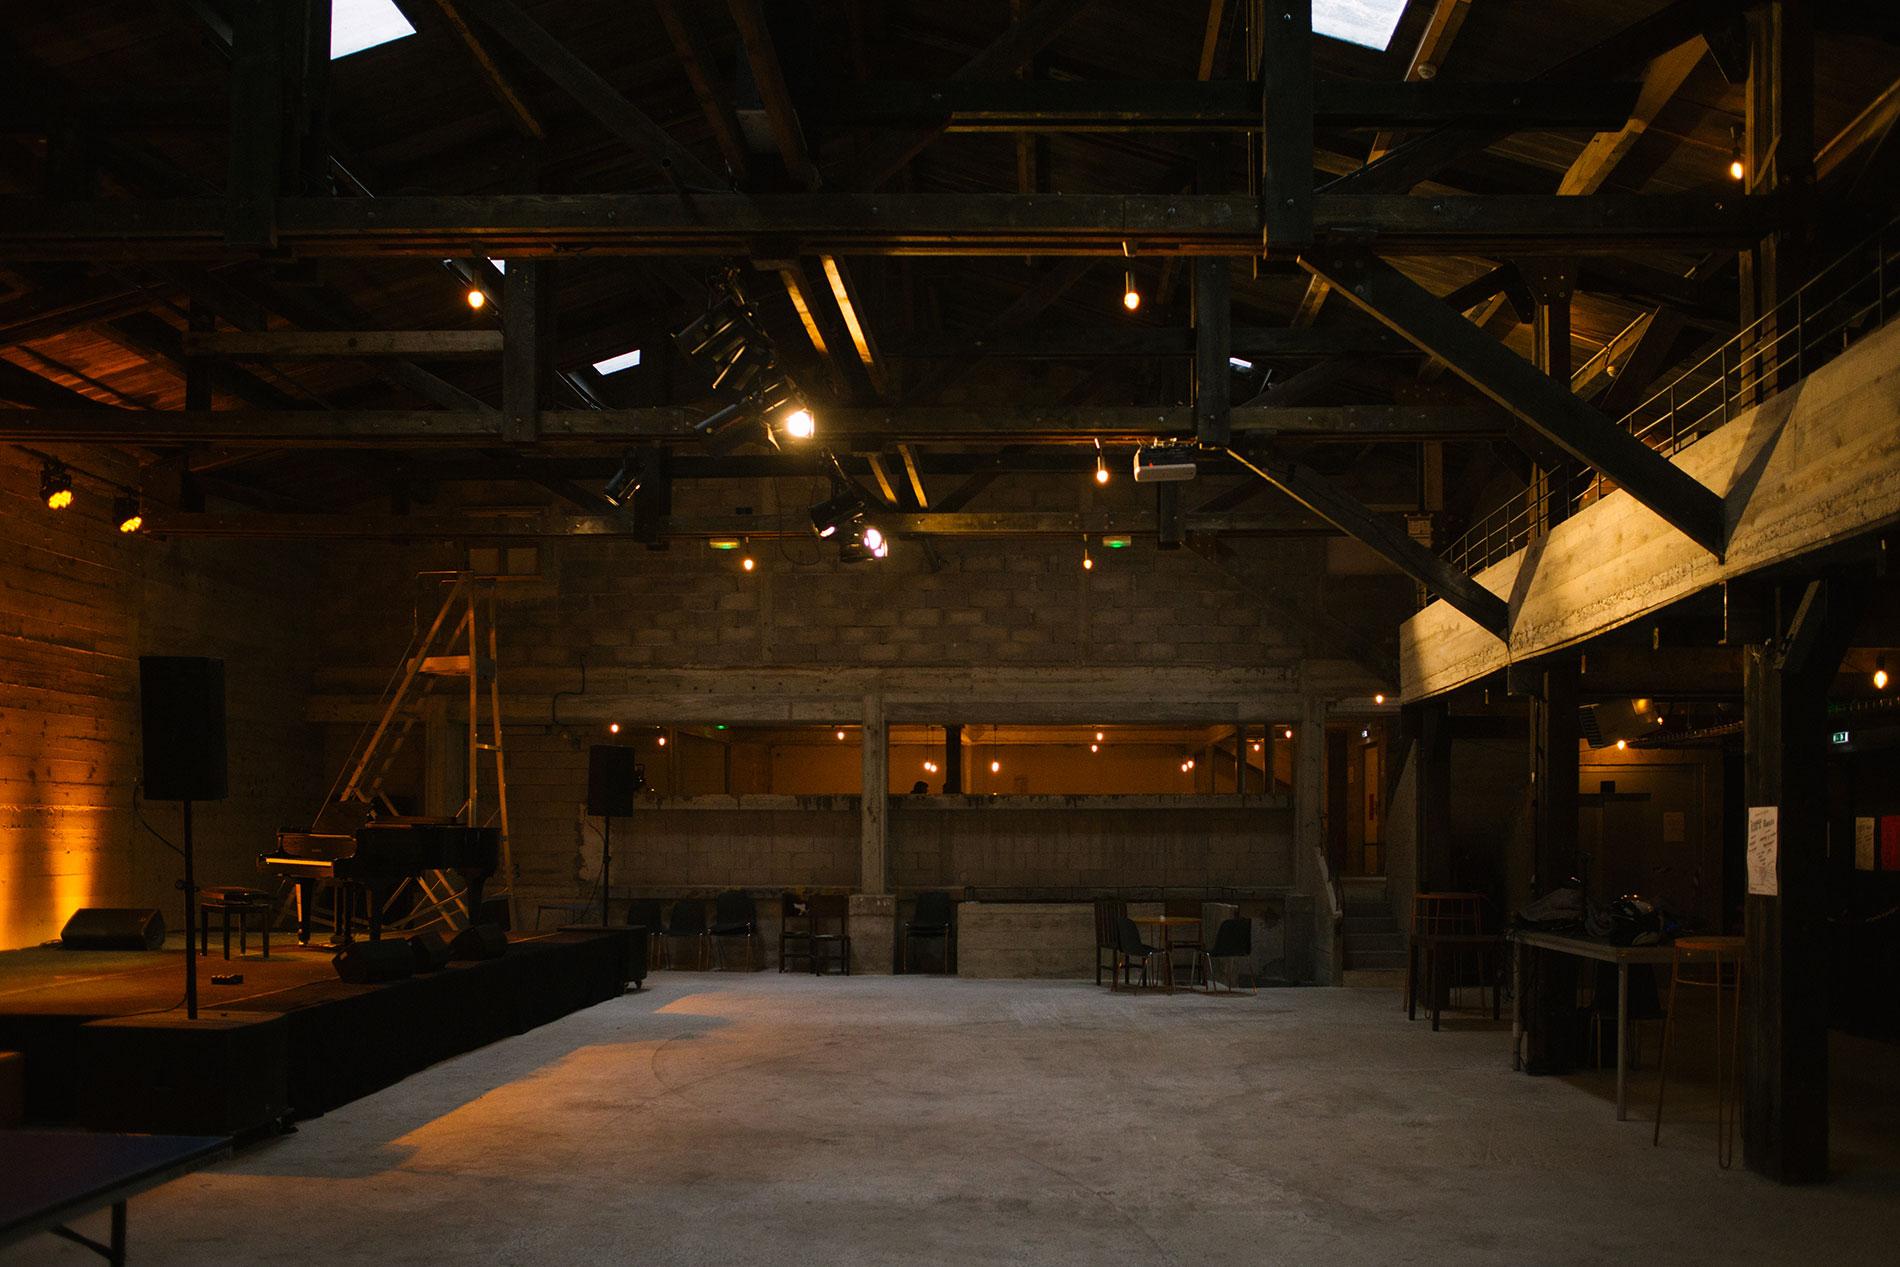 Salle de concert La Marbrerie à Montreuil (93)